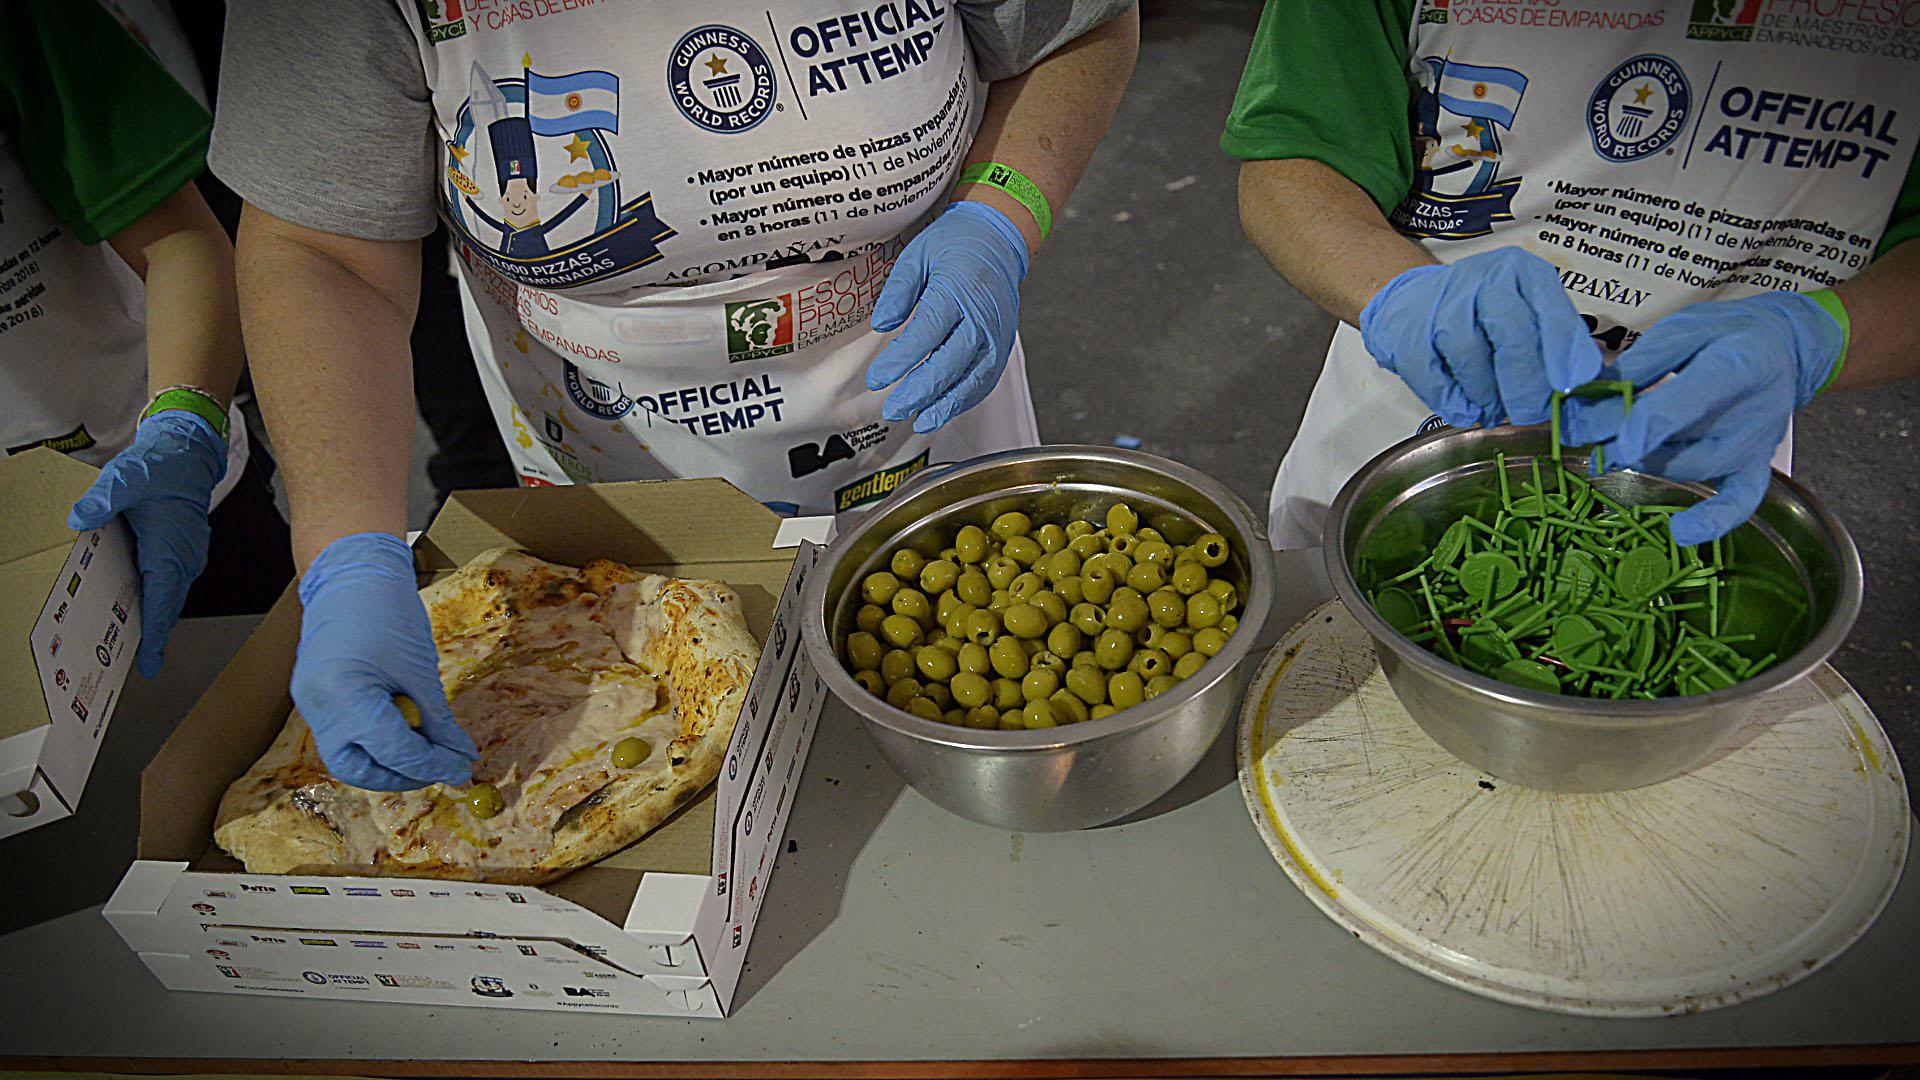 Para la producción se utilizaron 3.000 kilos de harina, 3.000 kilos de queso mozzarella, 1.200 litros de salsa de tomate, 150 litros de aceite y 88.000 aceitunas